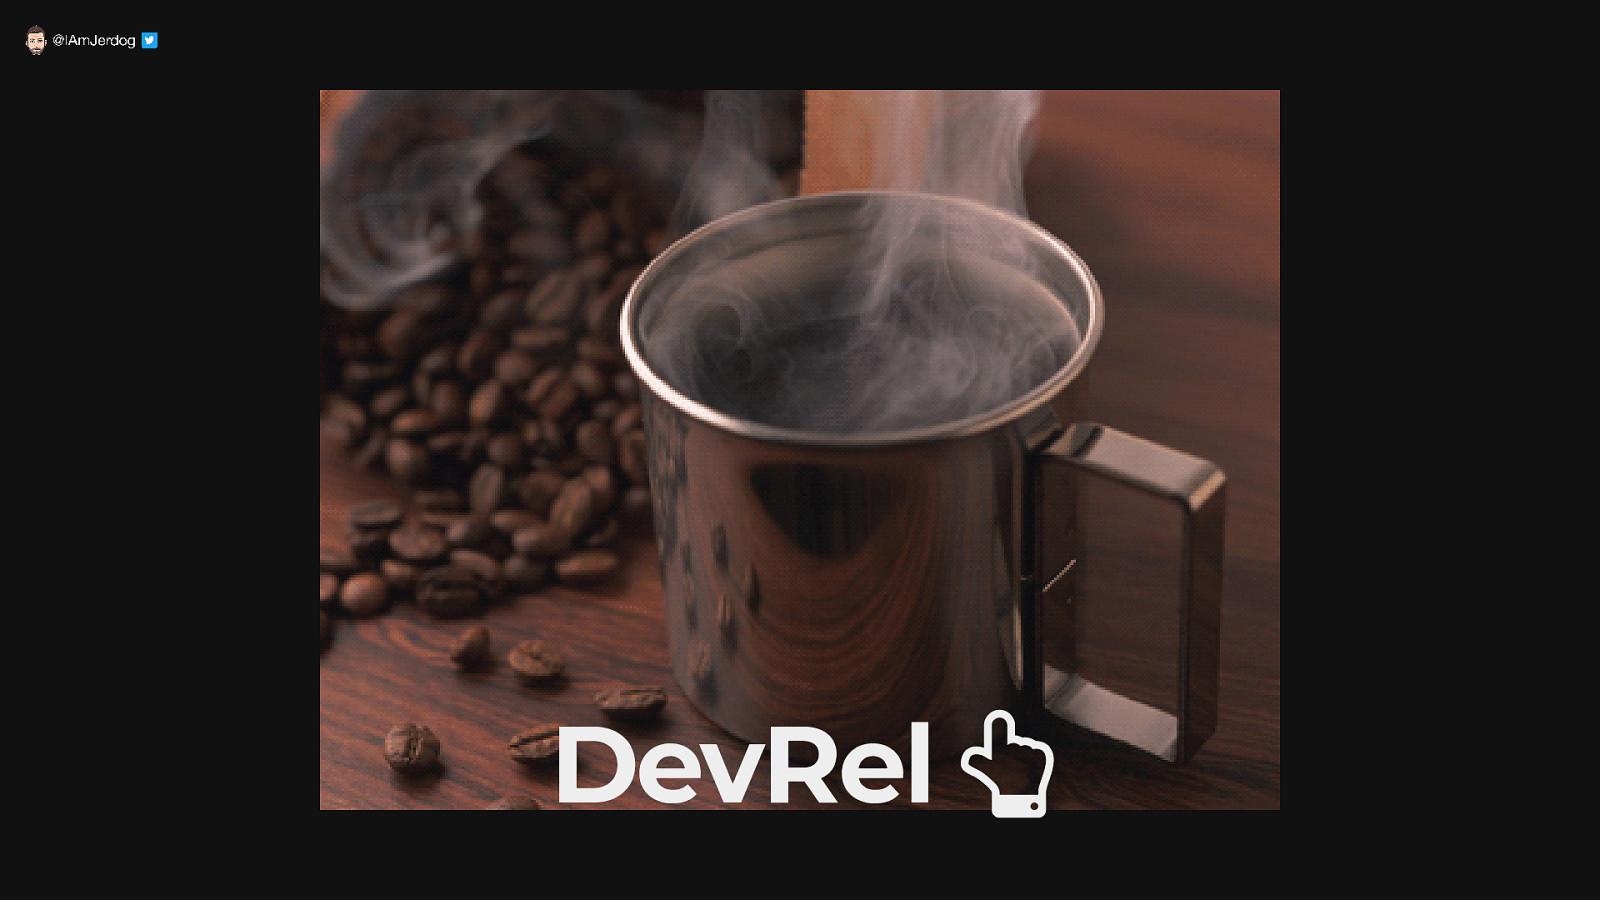 DevRel is like coffeeshops